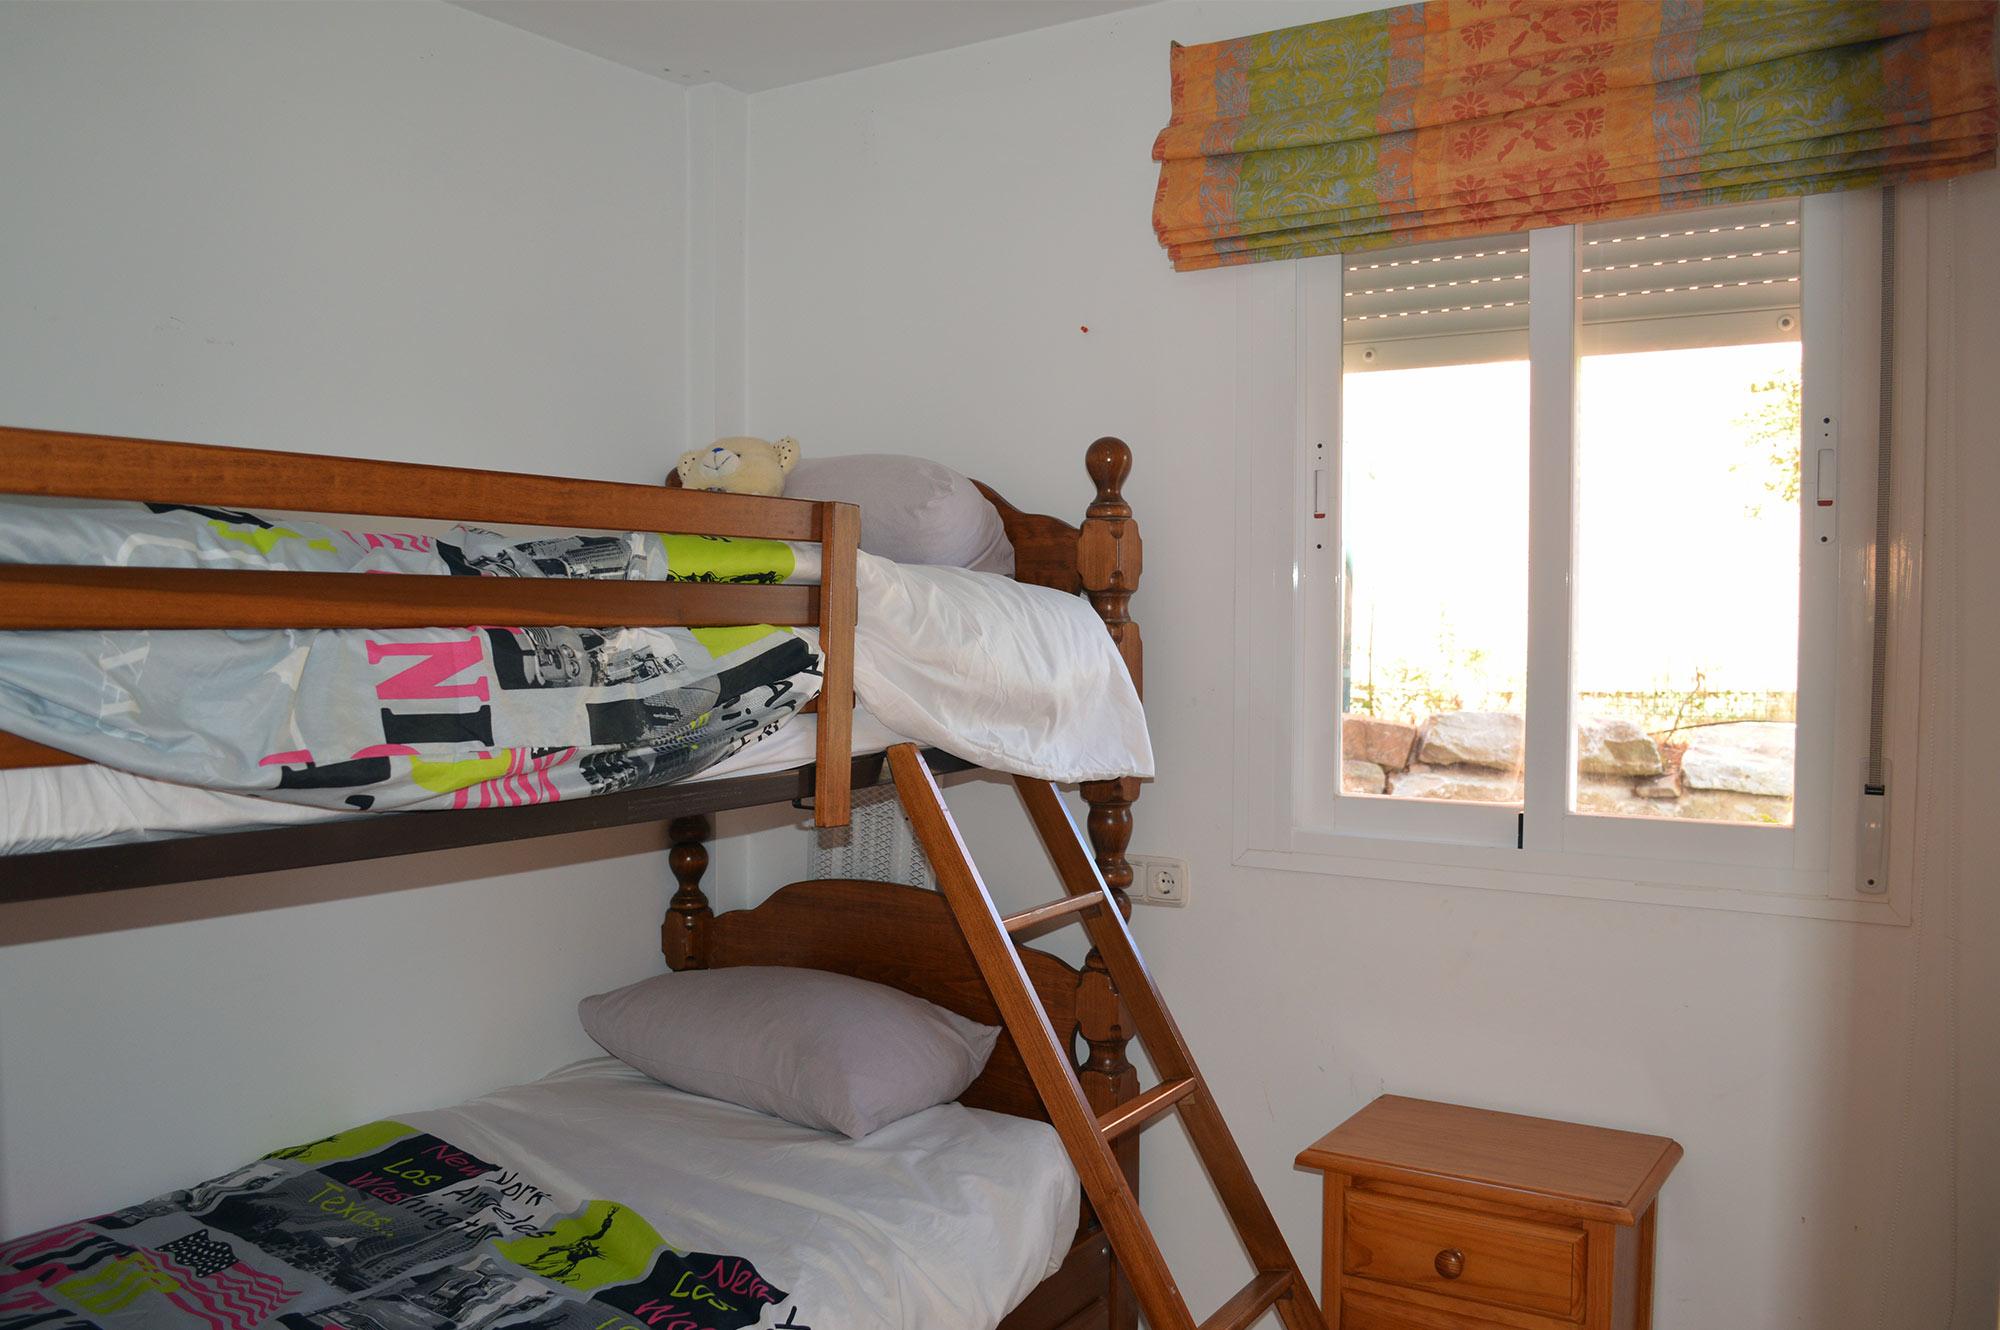 https://estepona-apartments.com/aplicacion/vistas/imagenes/1550218276-6.jpg